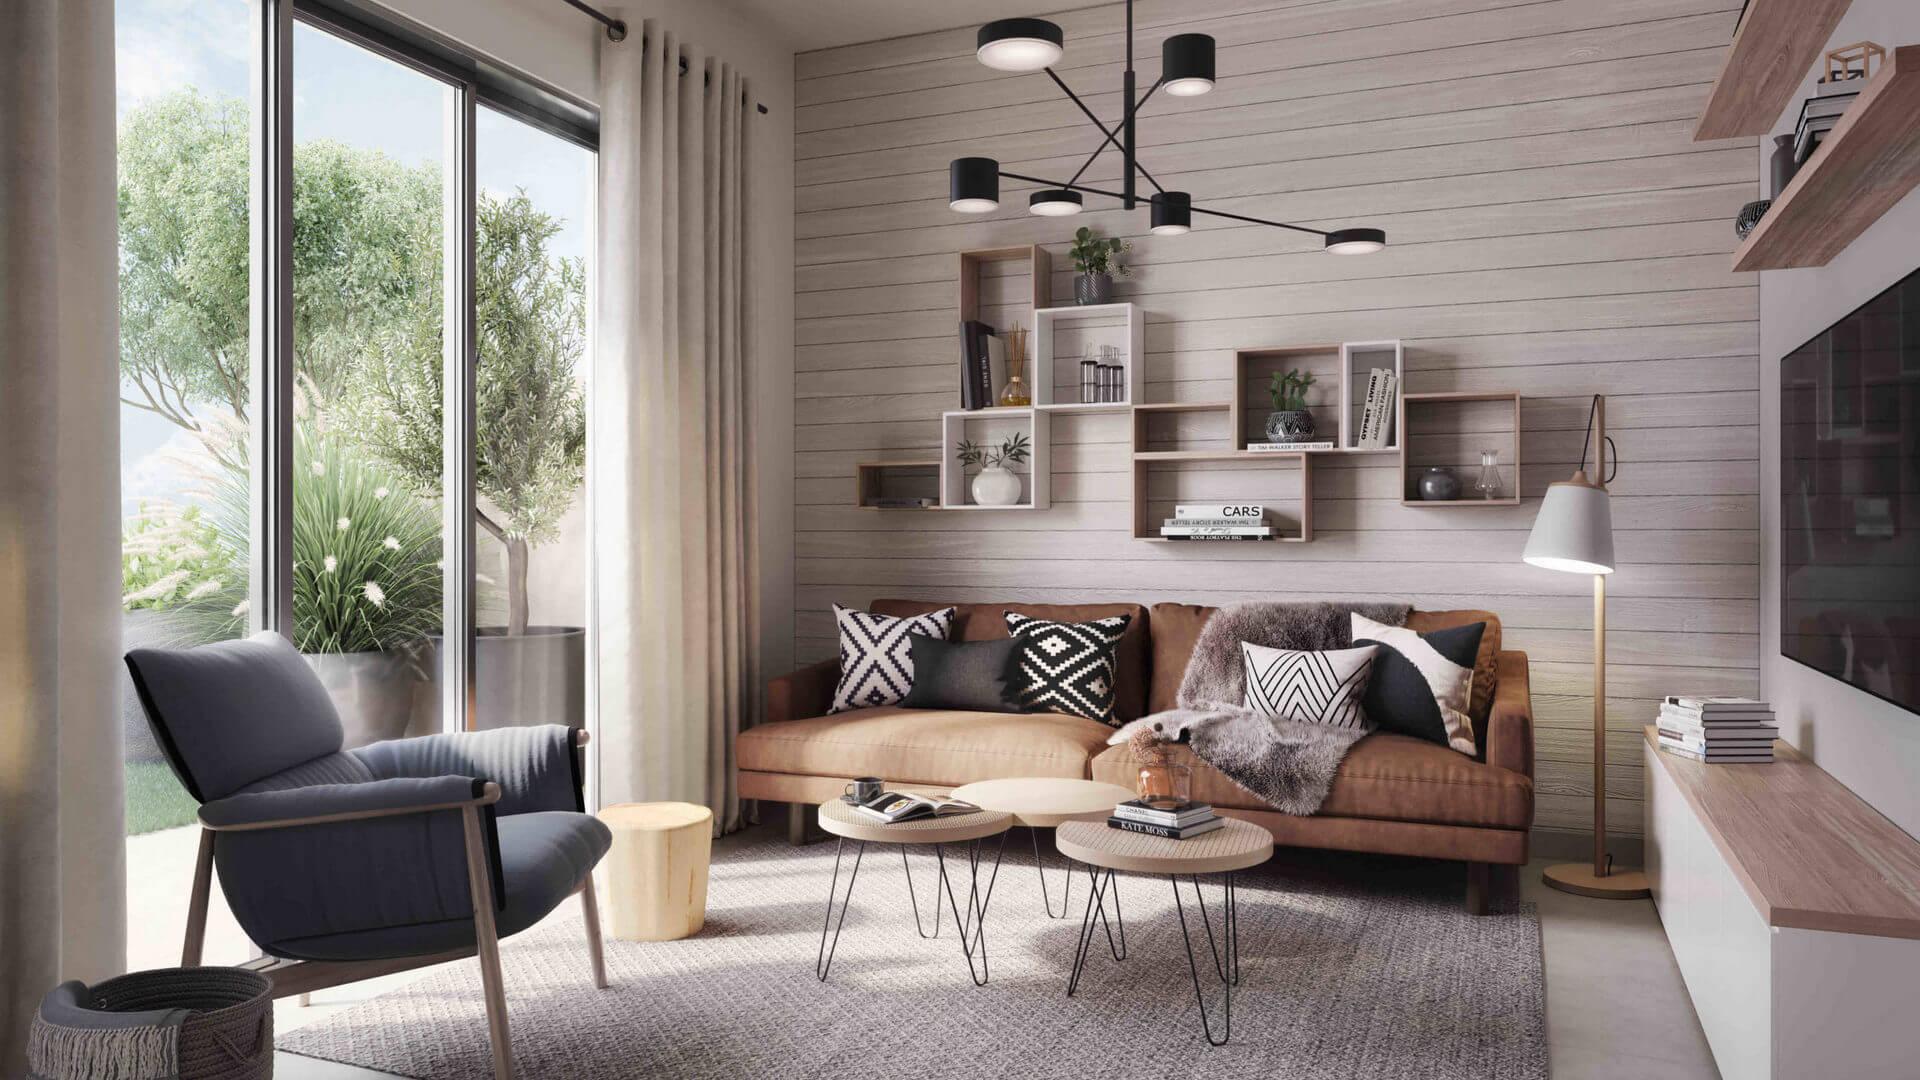 Villa en venta en Dubai, EAU, 3 dormitorios, 180 m2, № 24047 – foto 1